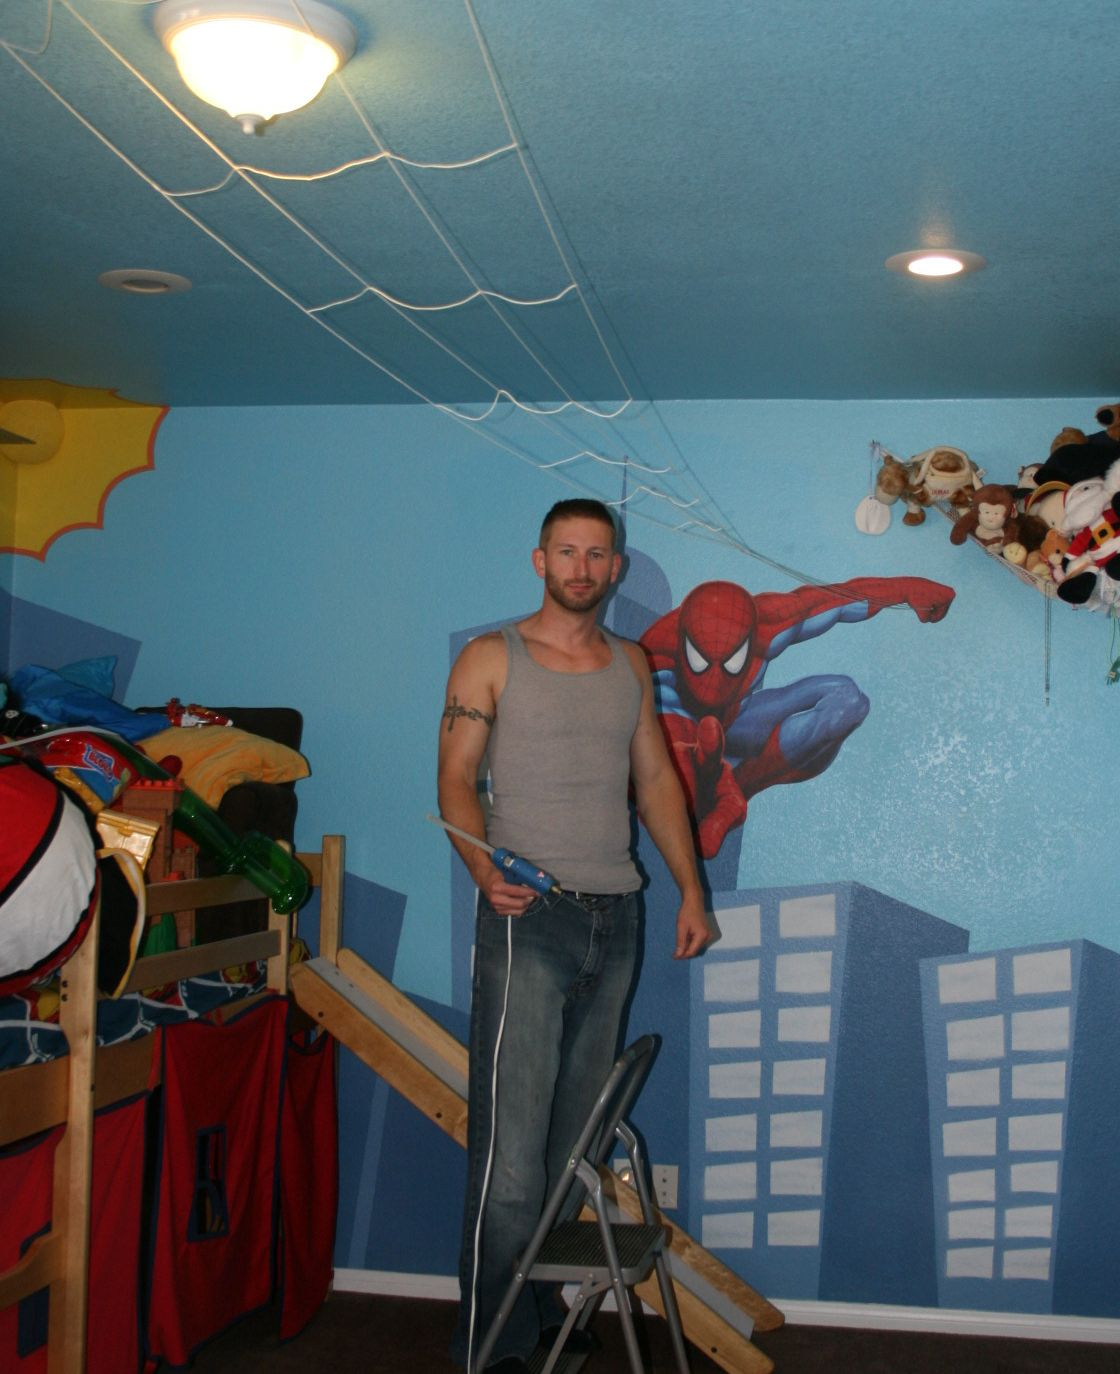 Spiderman bedroom ideas - Spiderman Room